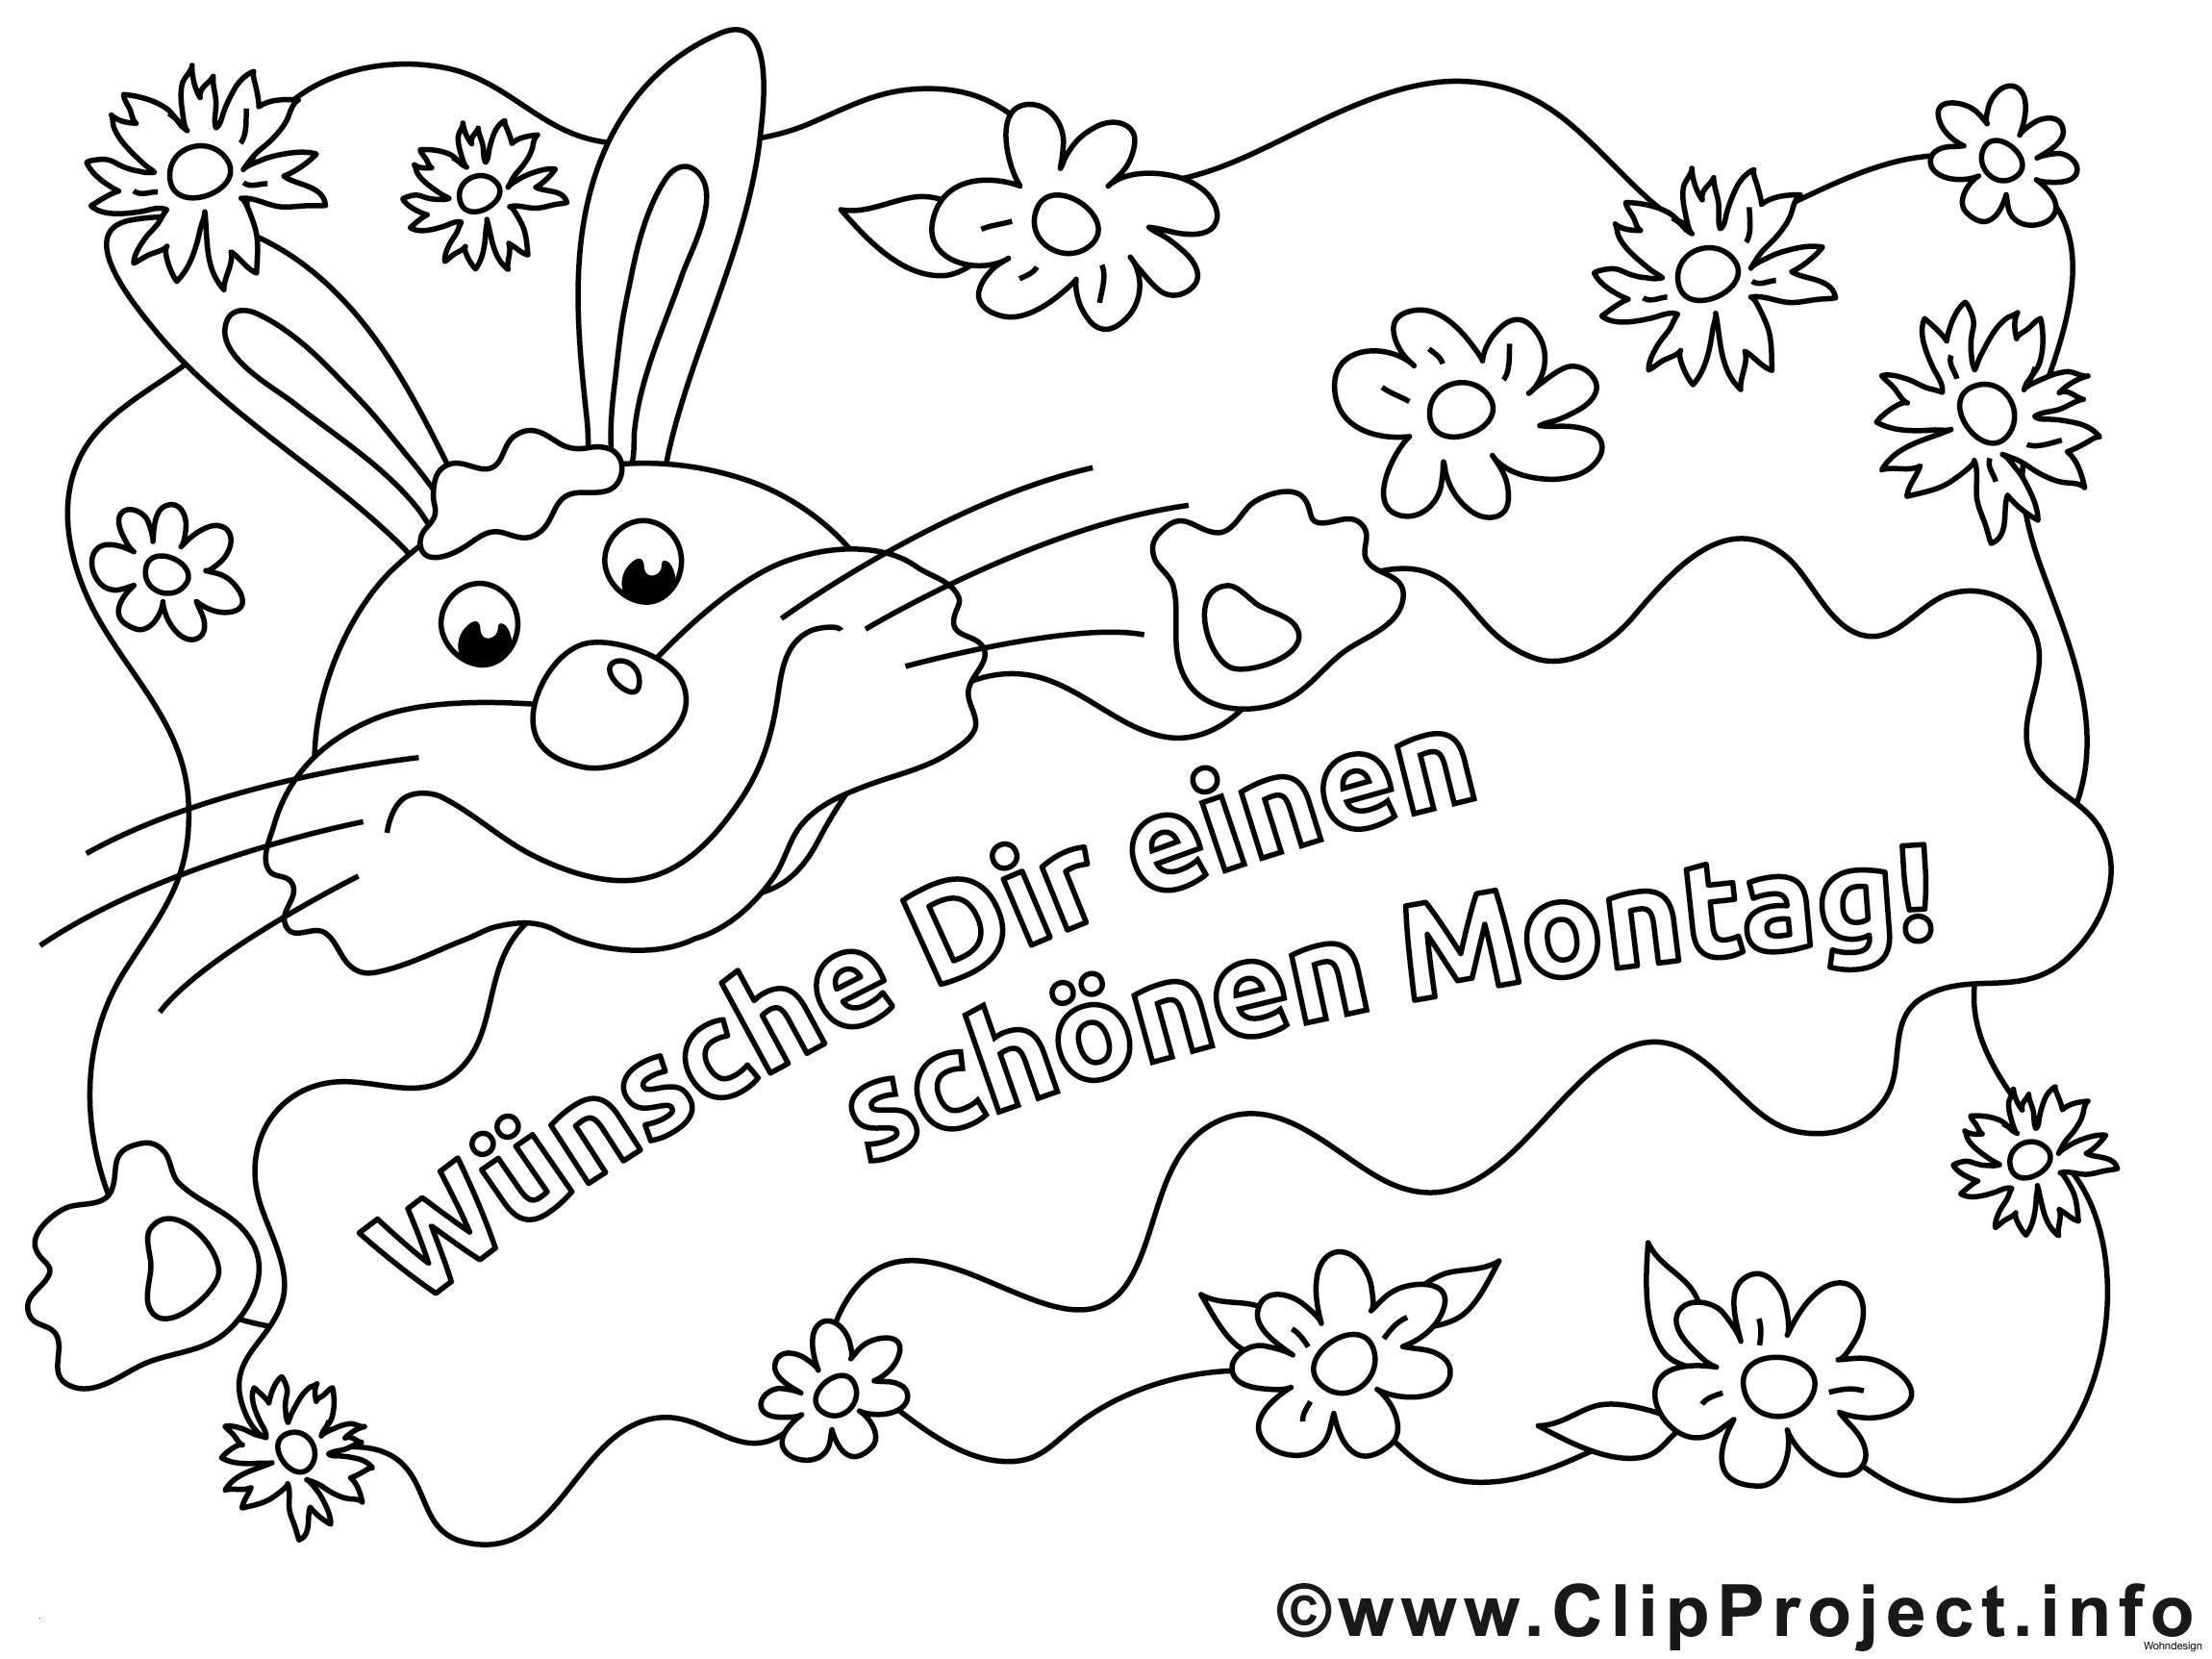 Hundertwasser Bilder Zum Ausmalen Neu 28 Hundertwasser Grundschule Vorlagen Amira Vorlage Site Amira Bilder